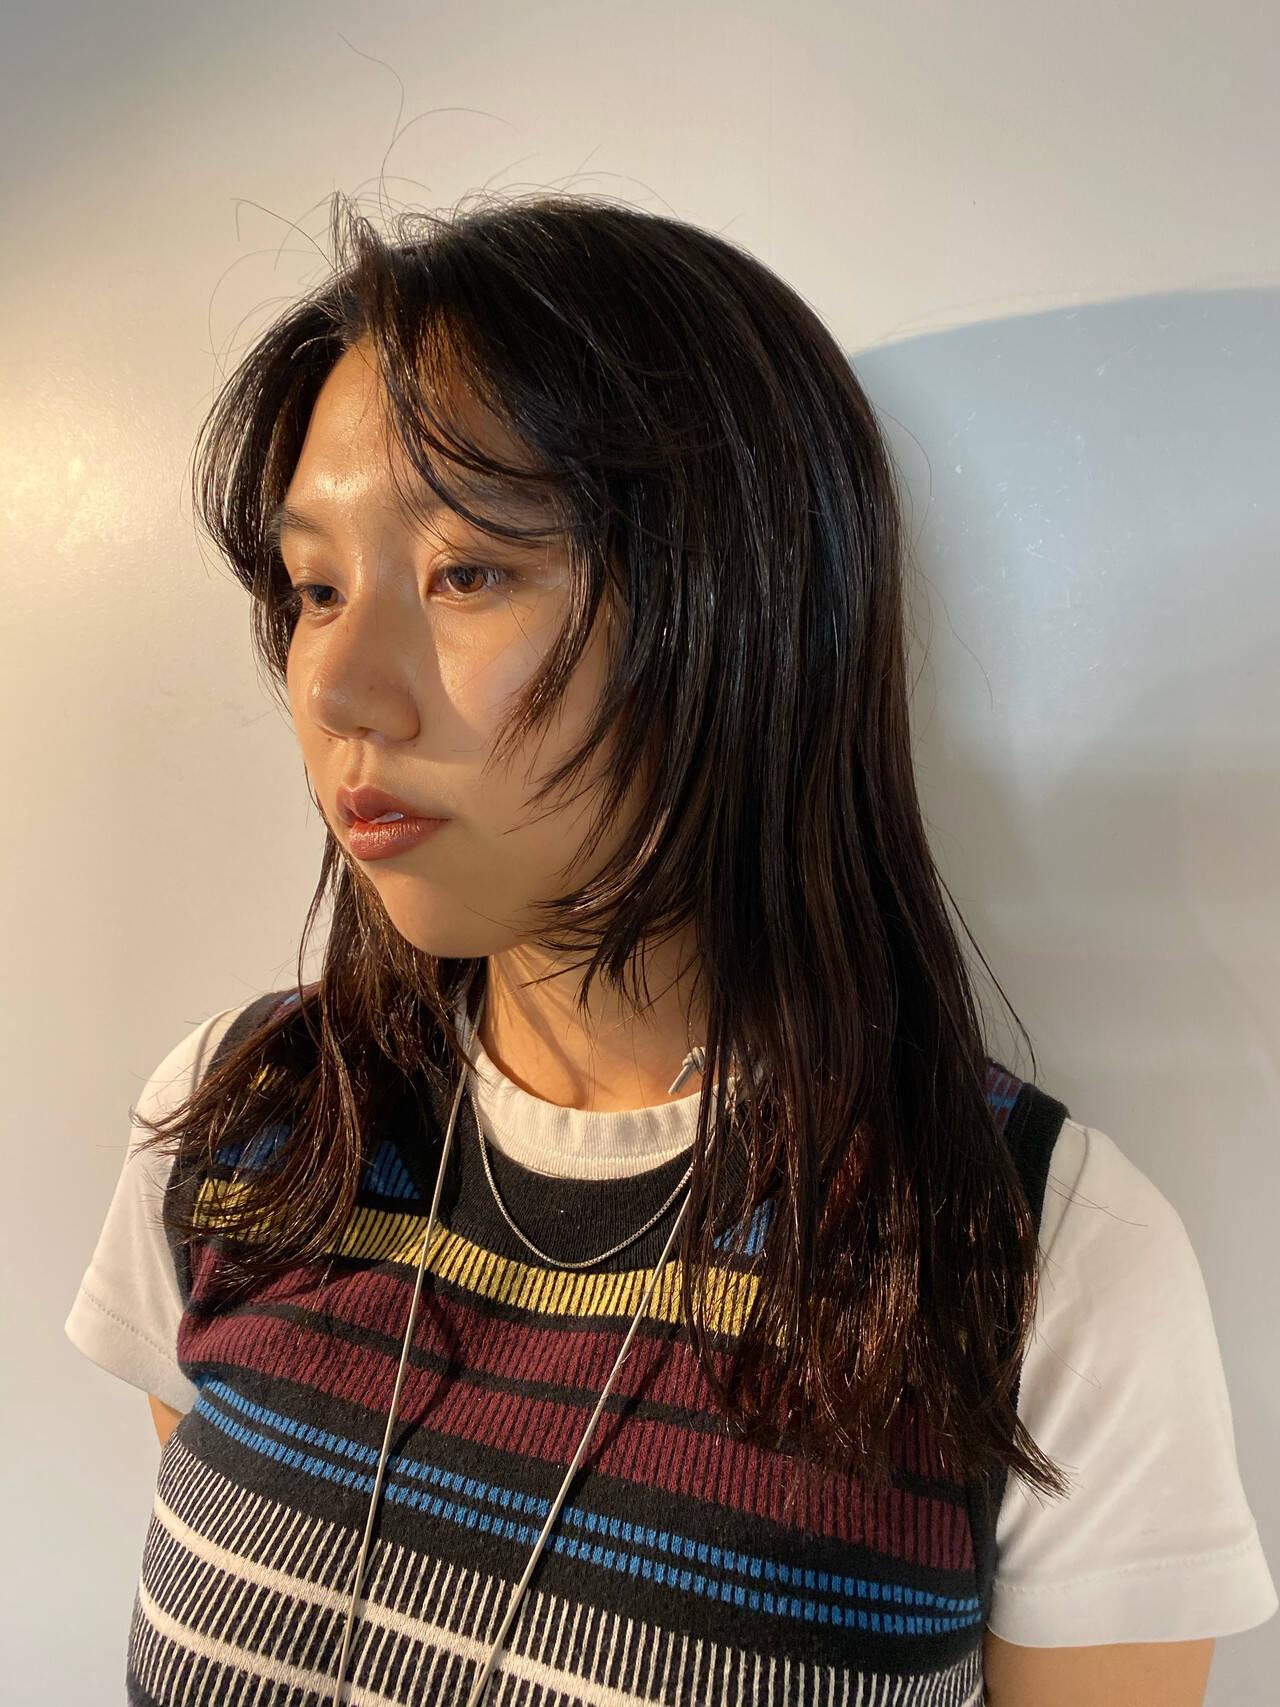 ウルフカット ミディアム ウルフレイヤー モードヘアスタイルや髪型の写真・画像